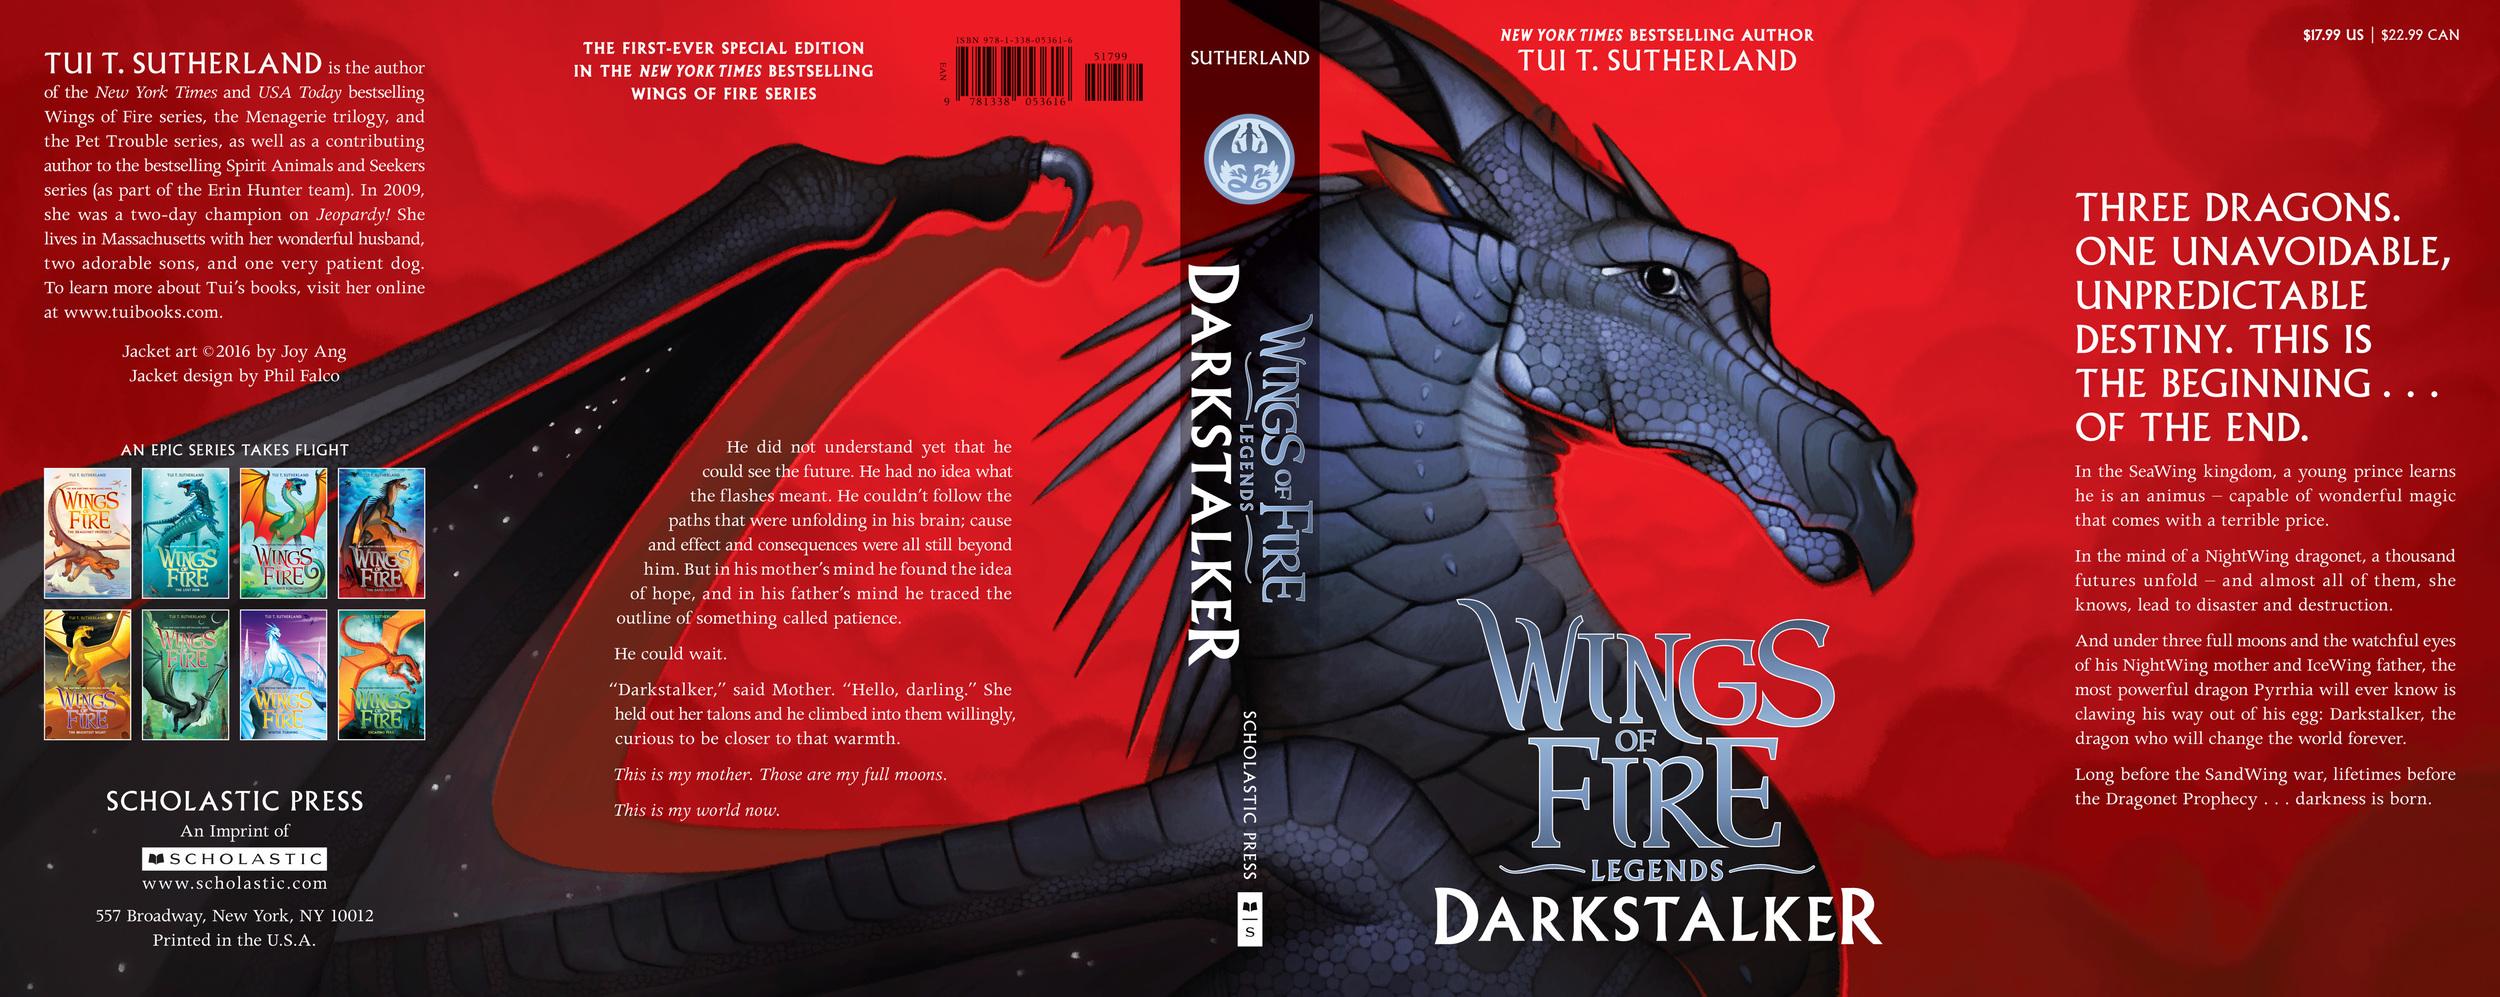 HC - Wings of Fire Darkstalker.jpg